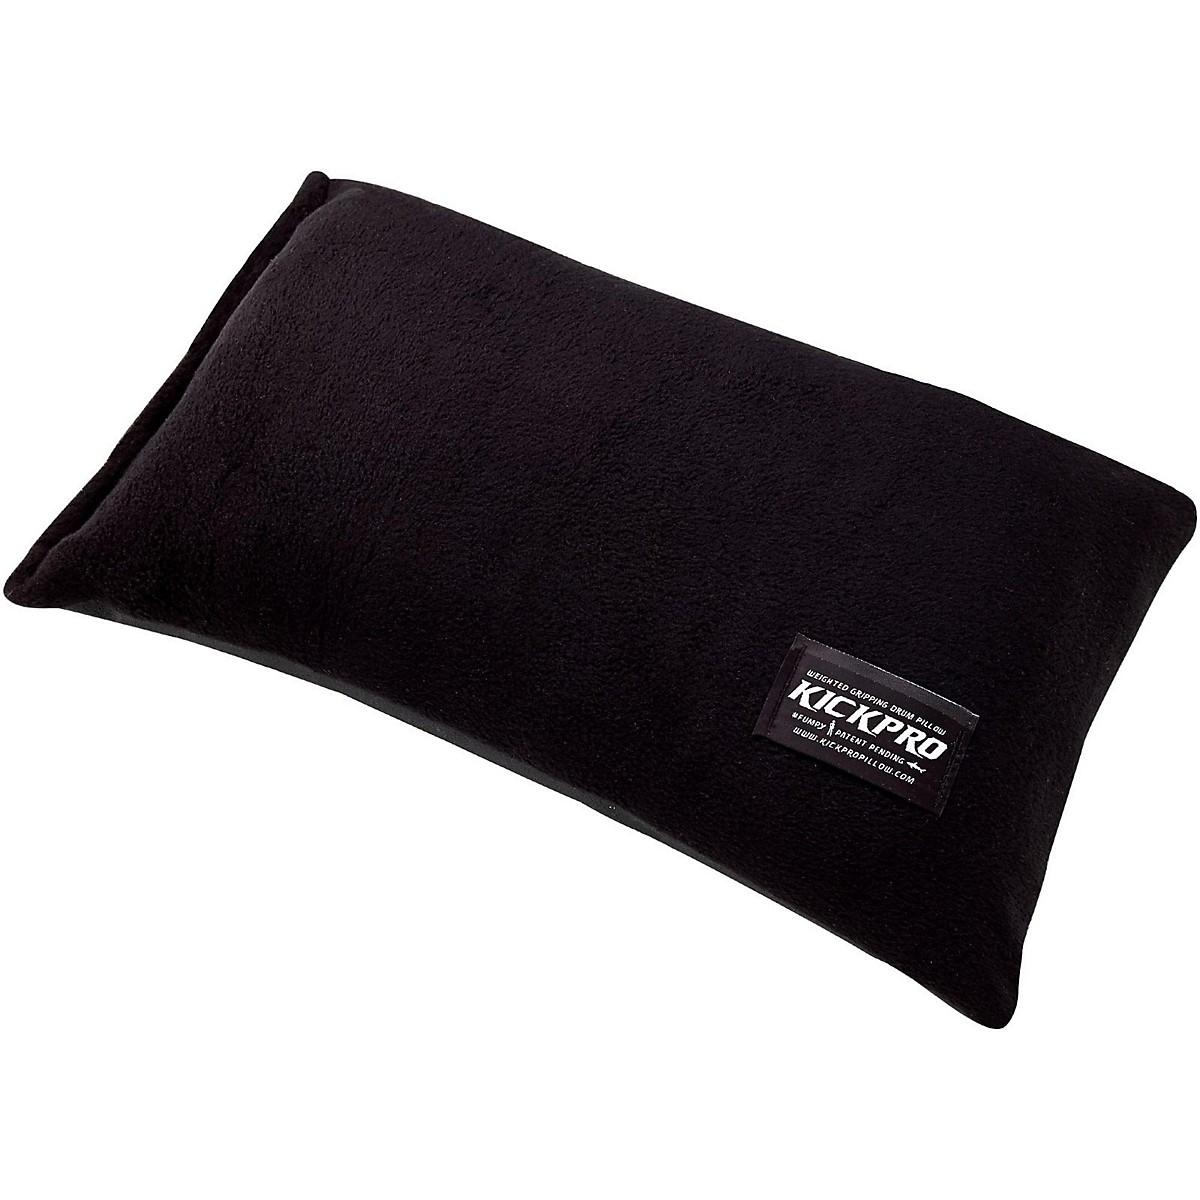 KickPro Weighted Bass Drum Pillow